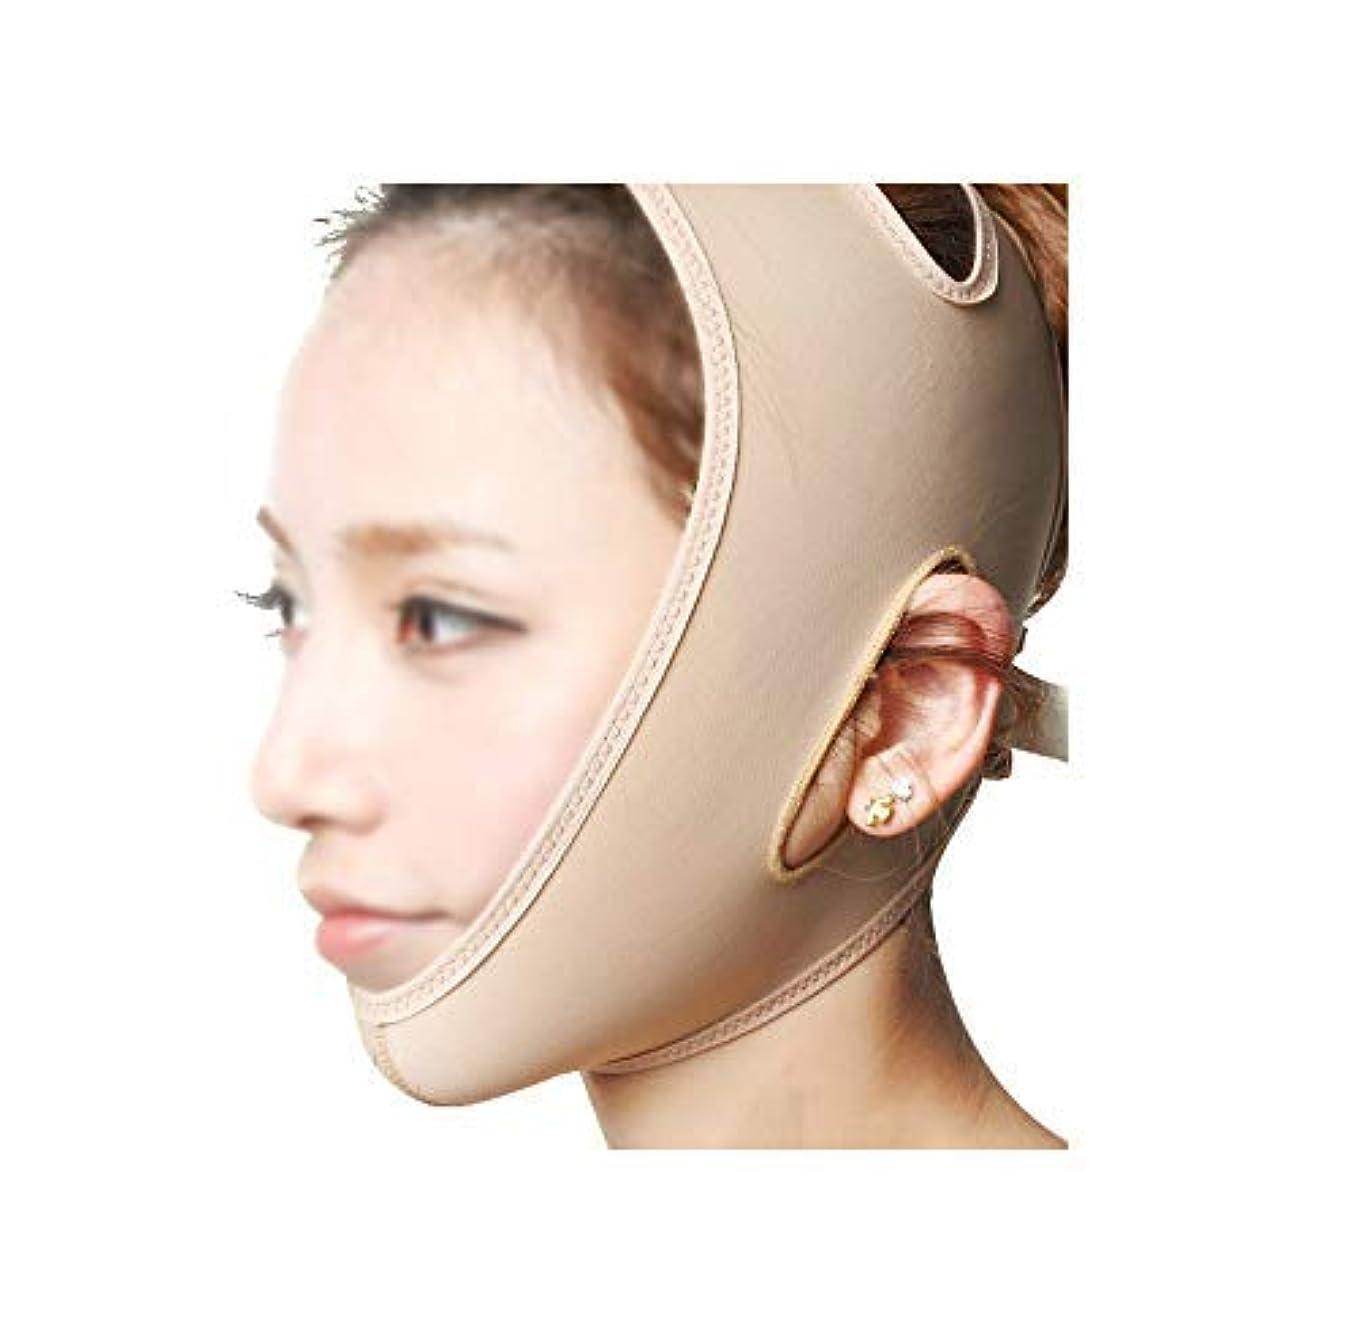 フィラデルフィア防止出席するフェイスリフティングバンデージ、フェイスマスク3Dパネルデザイン、通気性に優れたライクラ素材の物理的なVフェイス、美しい顔の輪郭の作成(サイズ:S),ザ?